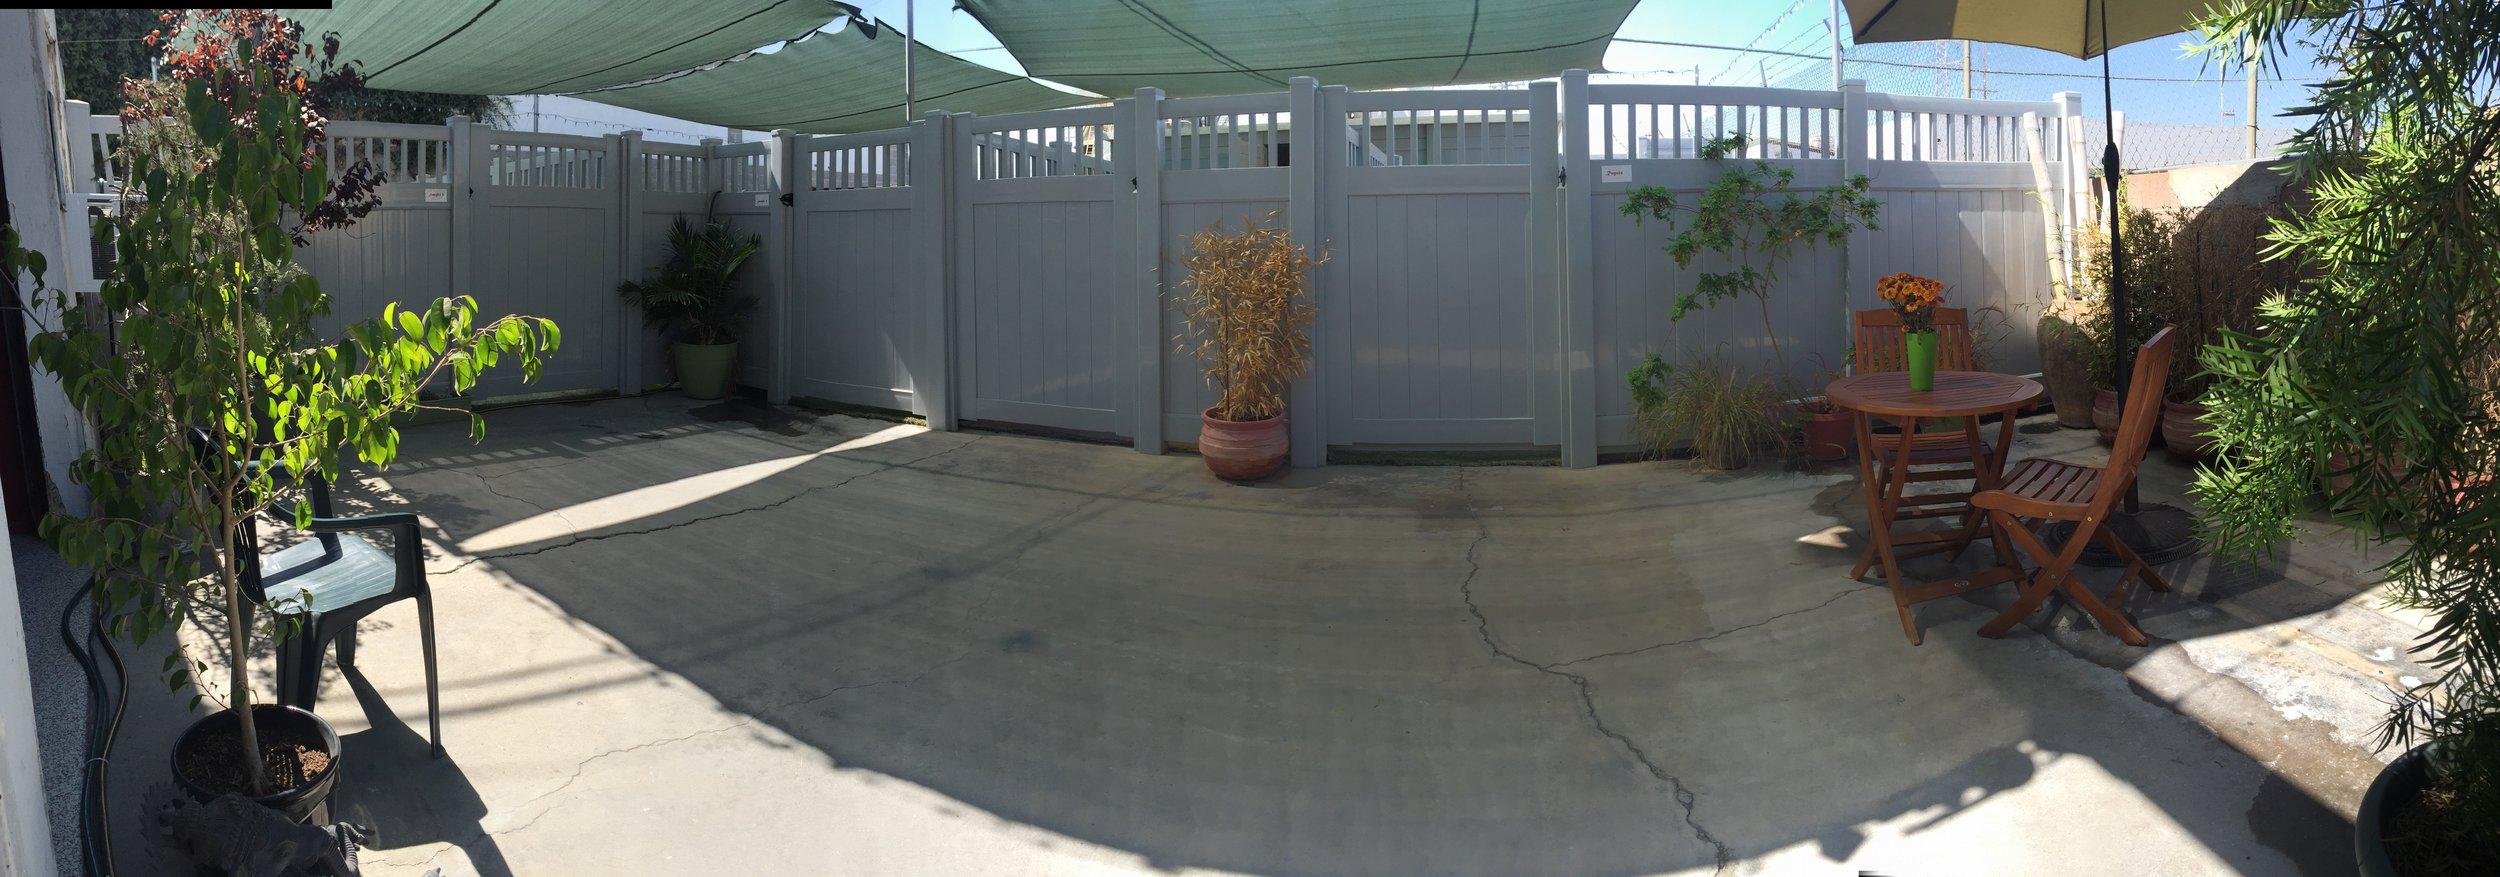 TZD Facility 7.JPG